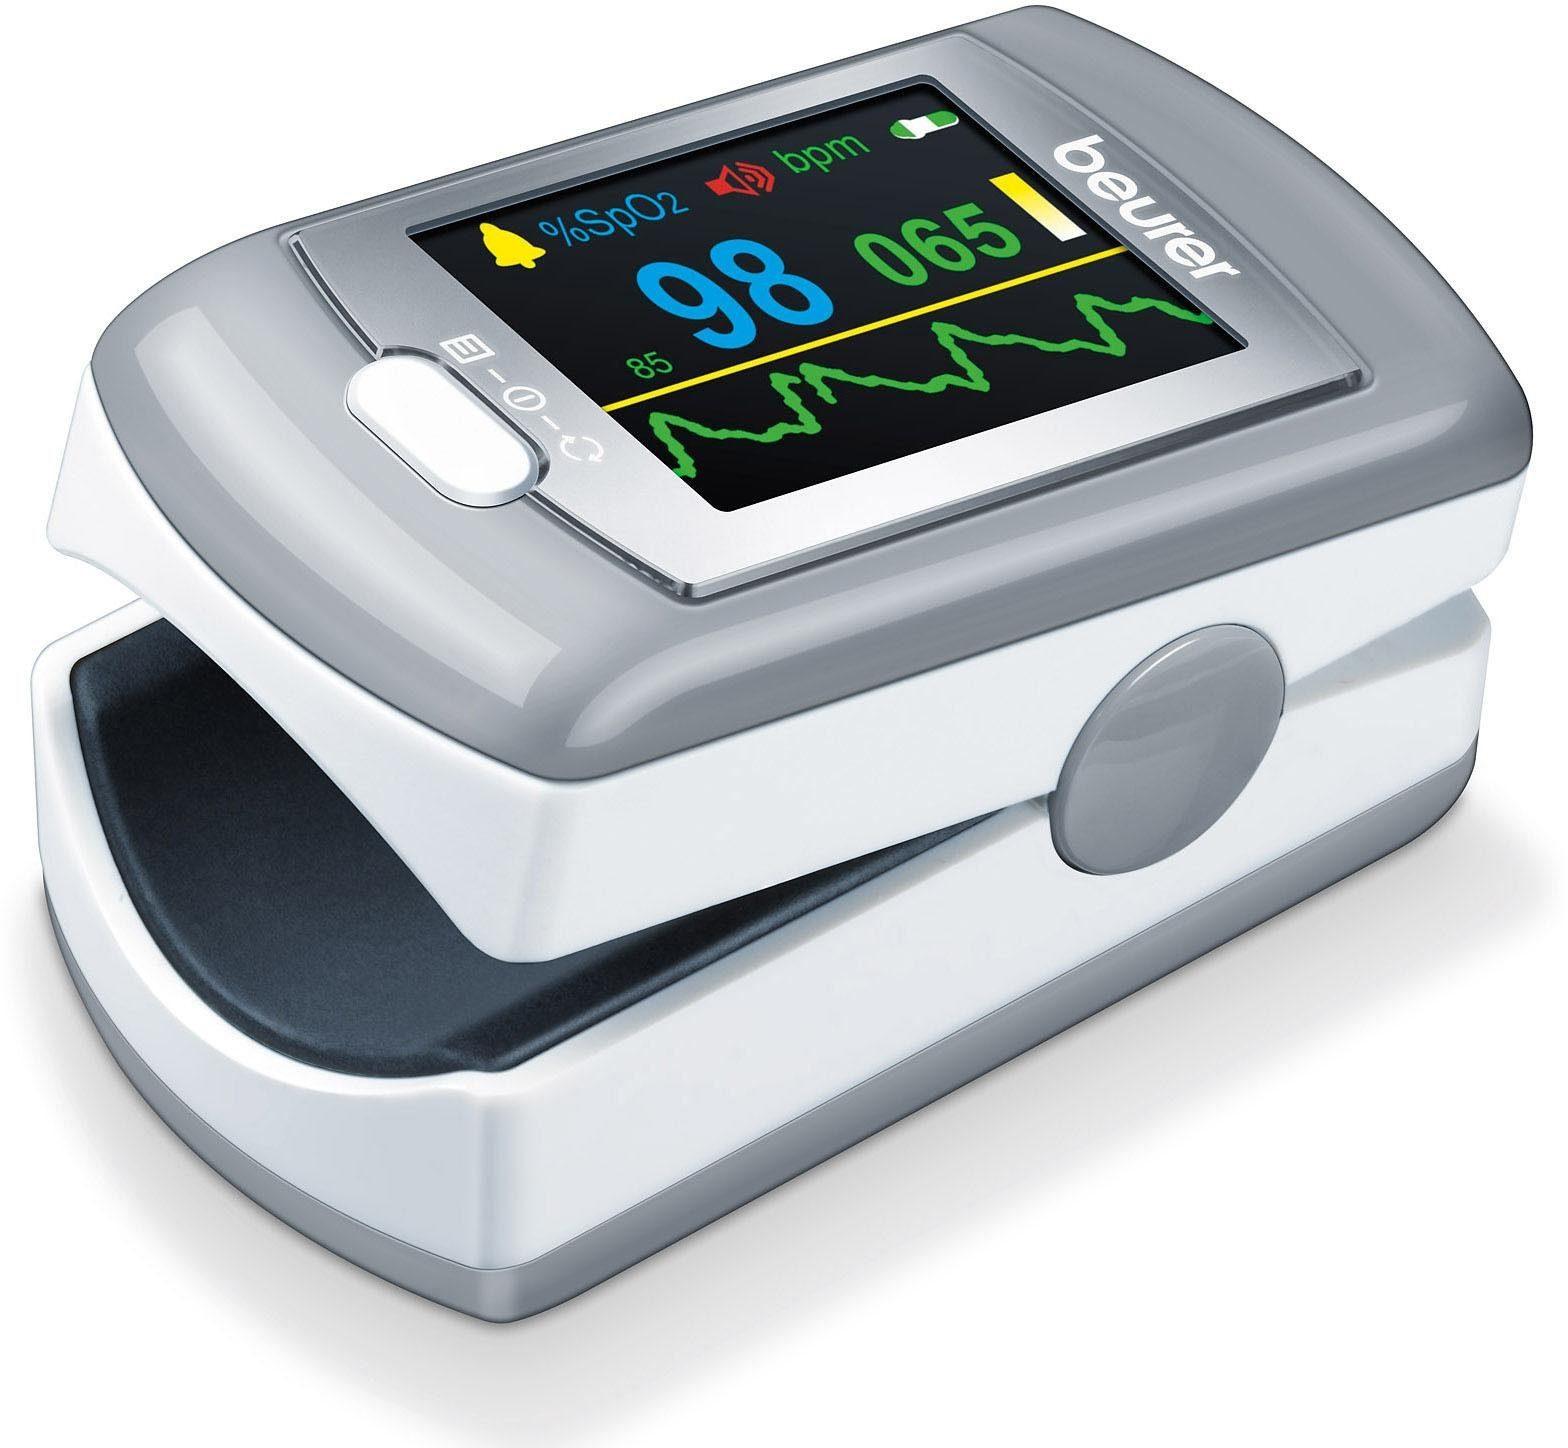 Beurer Pulsoximeter PO 80, Sehr einfache und vollkommen schmerzfreie Messung